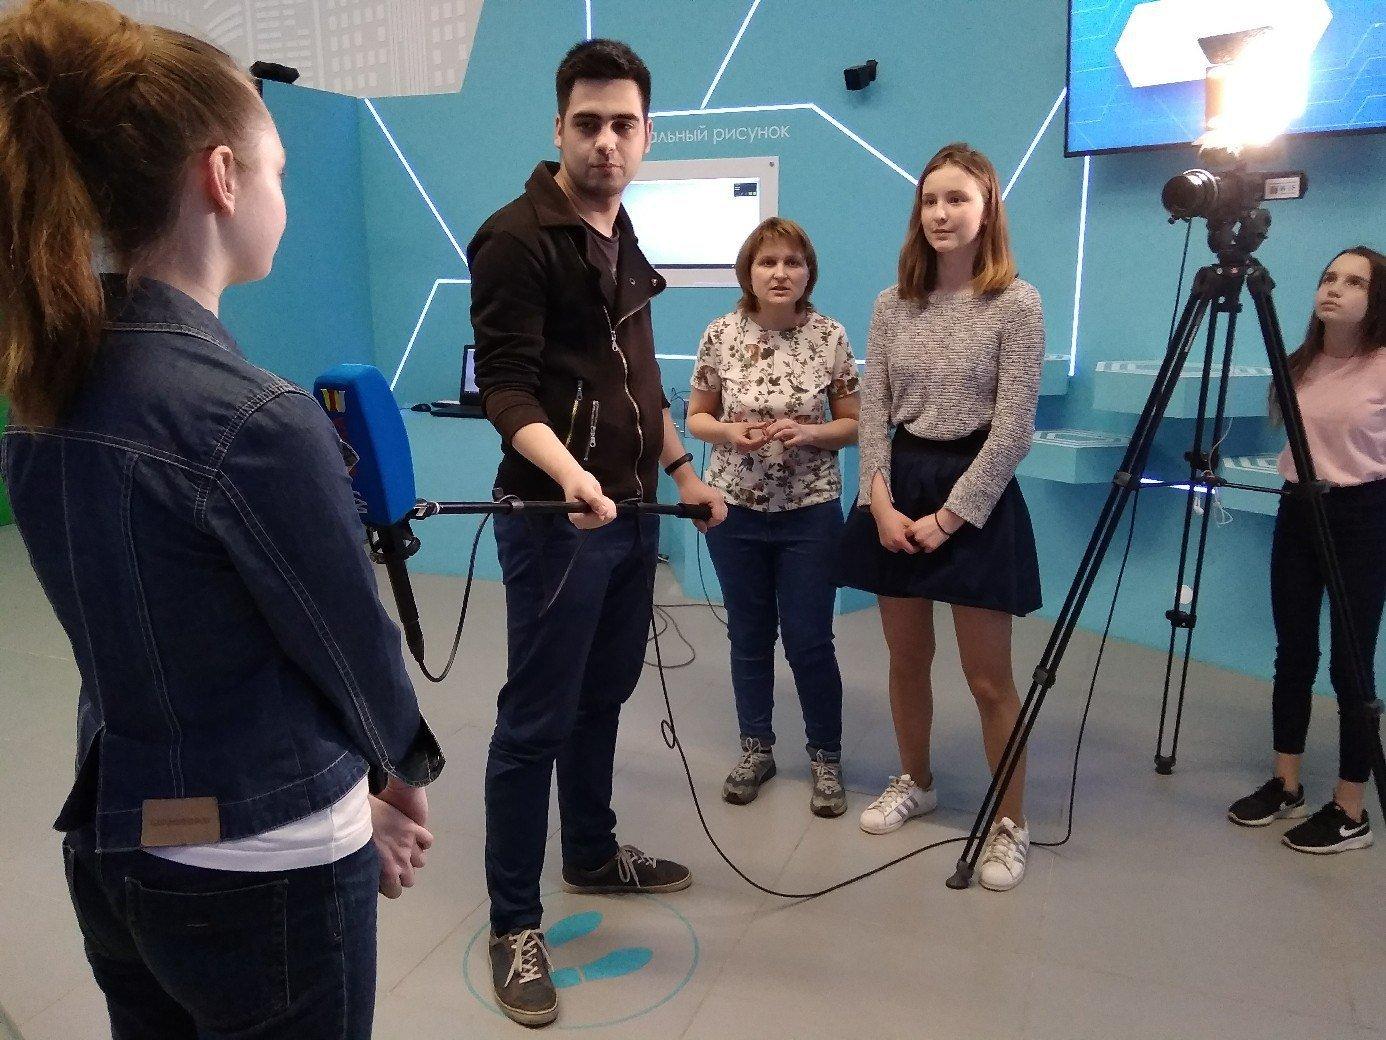 Школы могут бесплатно получить оборудование для медиастудий